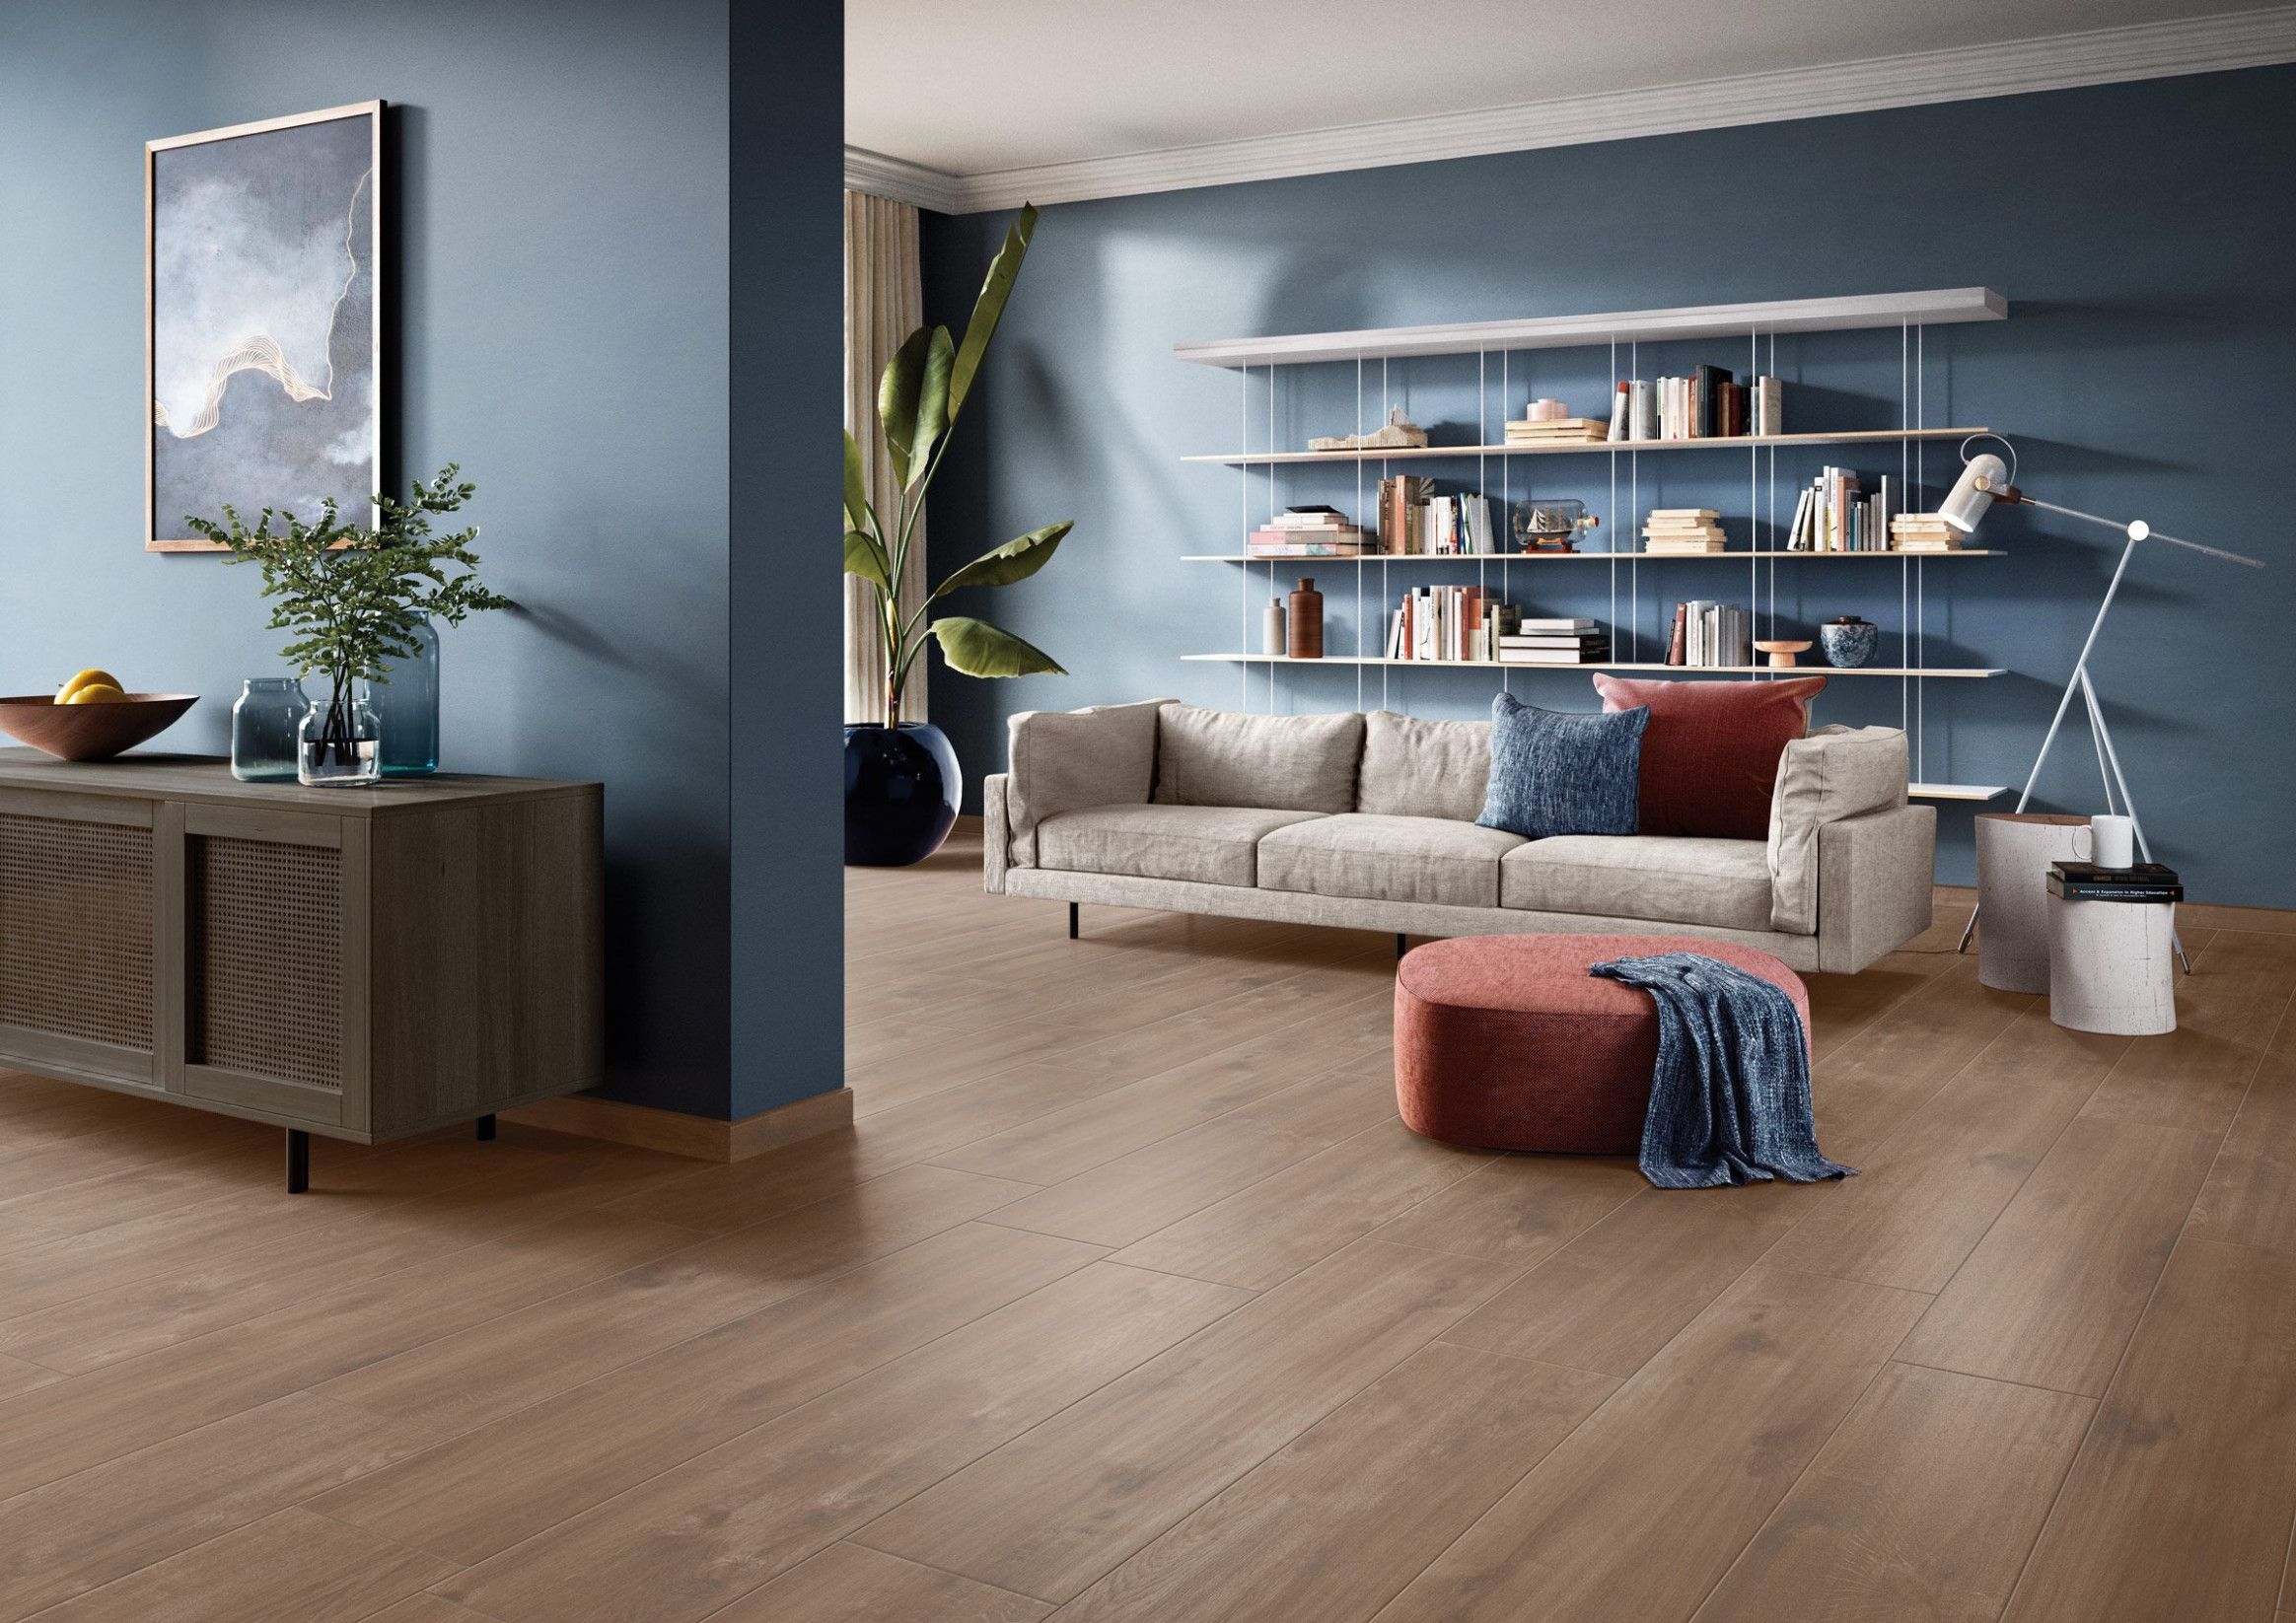 9 Holz Fliesen Wohnzimmer in 9  Fliesen holzoptik, Fliesen